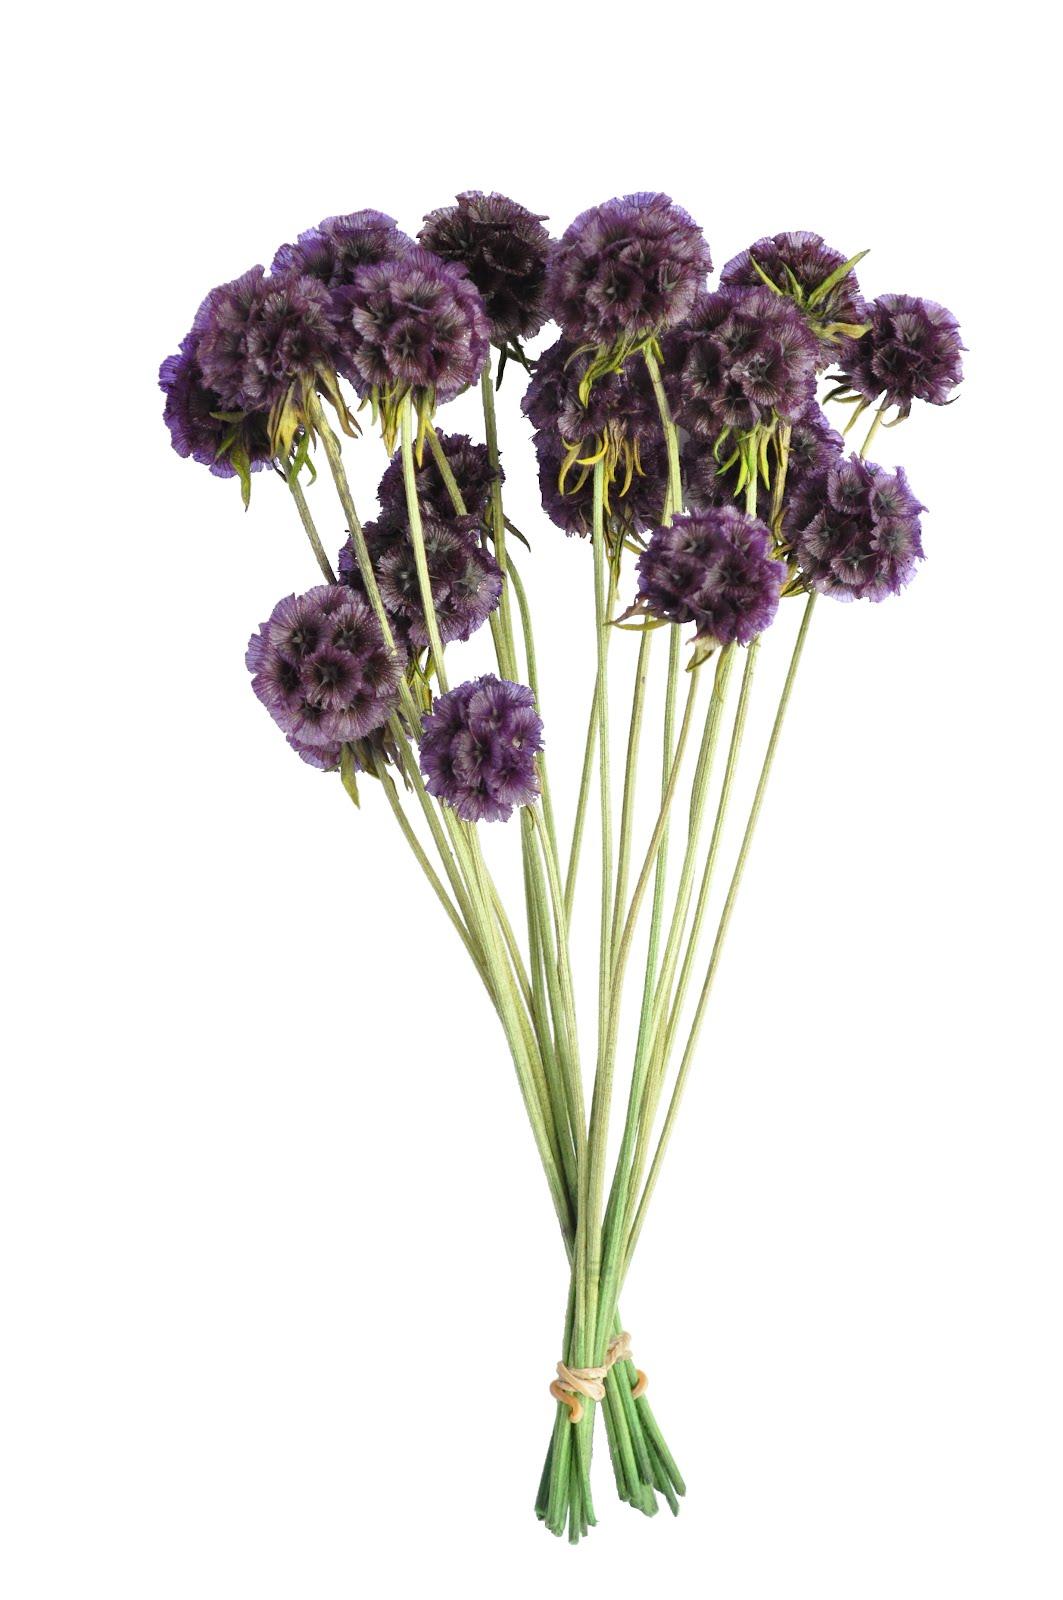 東波水月花坊: AN11005 不凋花果實 紫色松蟲草果